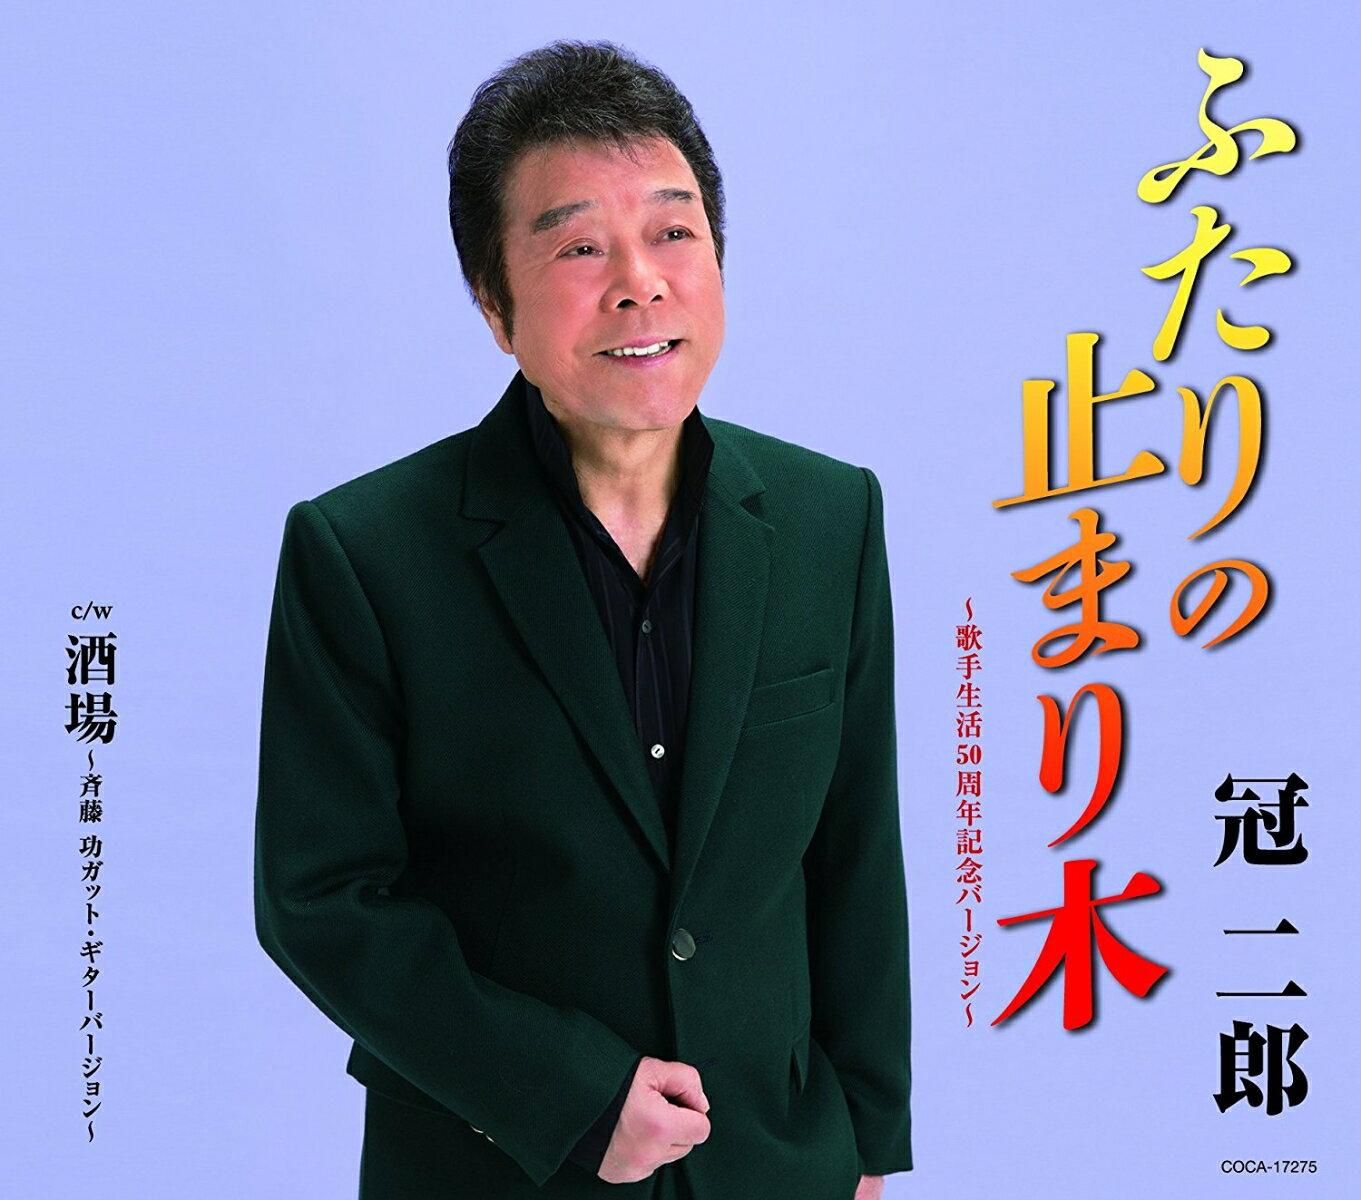 ふたりの止まり木 〜歌手生活50周年記念バージョン〜 [ 冠二郎 ]